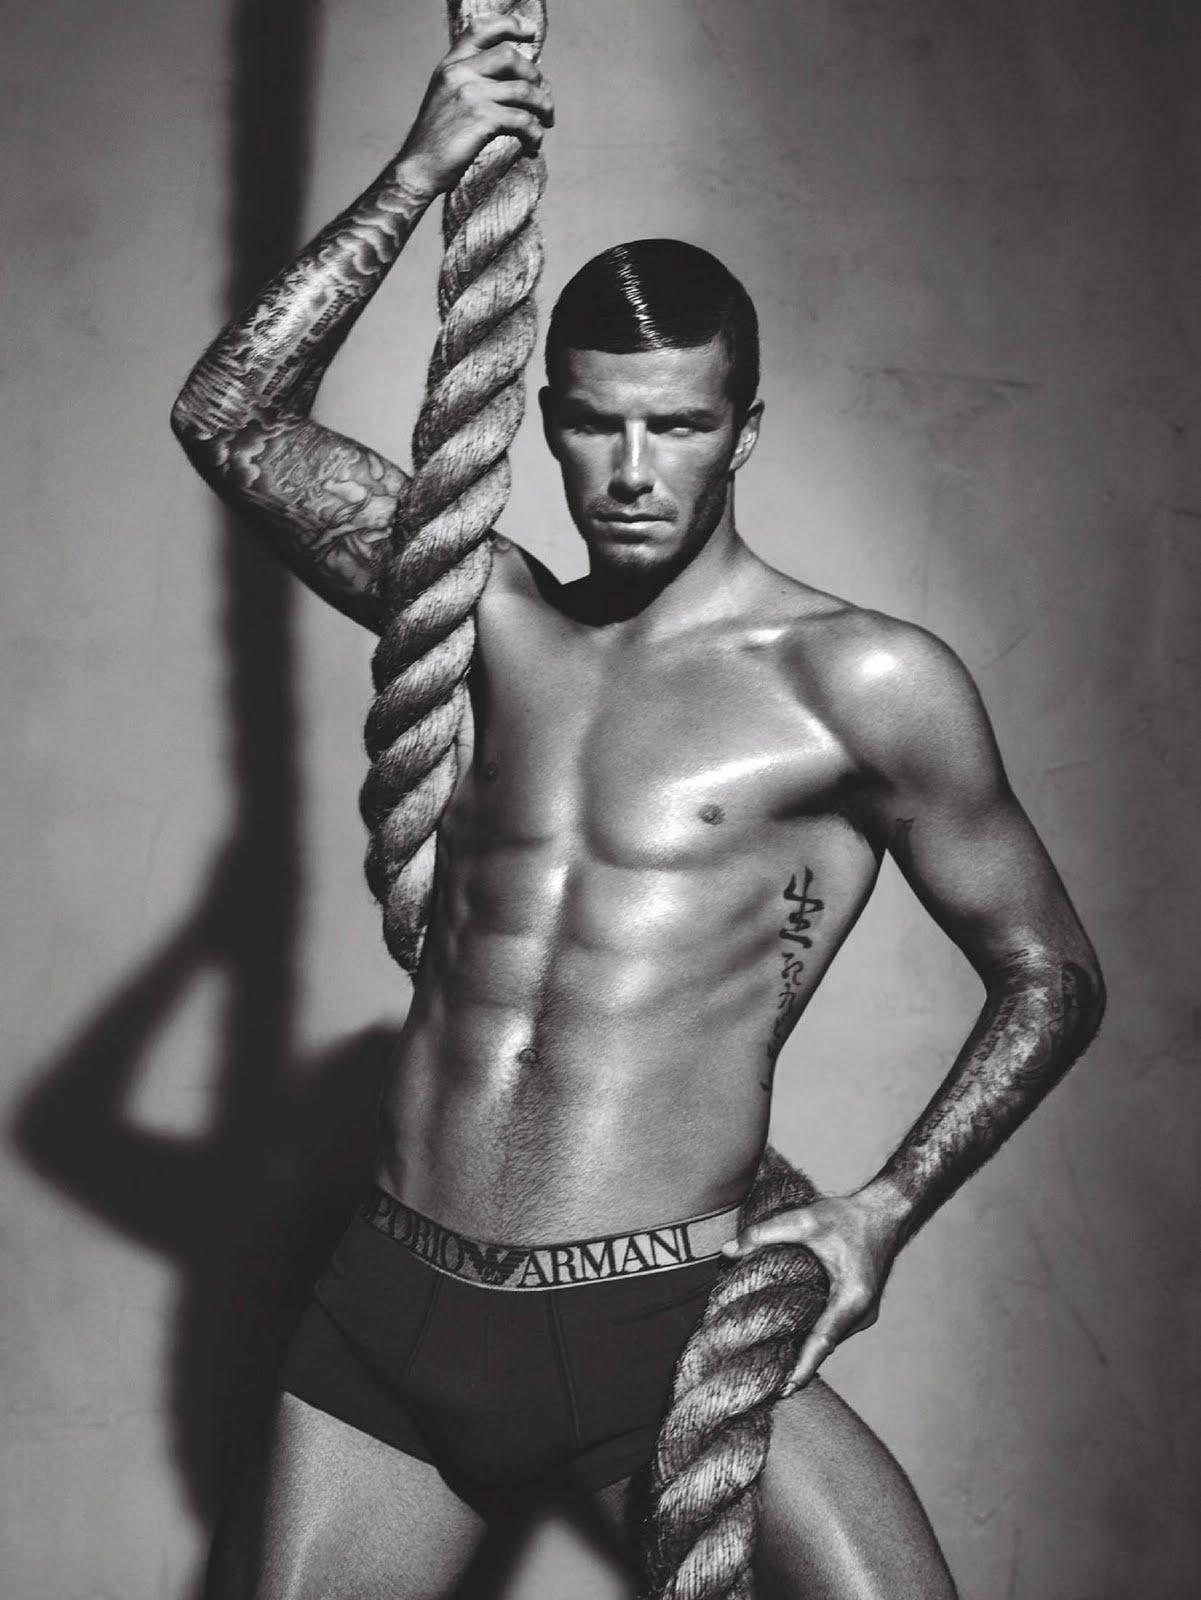 http://2.bp.blogspot.com/-wqncRRPIc9E/TjXyY0xDj2I/AAAAAAAAD4I/9bACnanp1Gg/s1600/david-beckham-underwear-shot-1.jpg